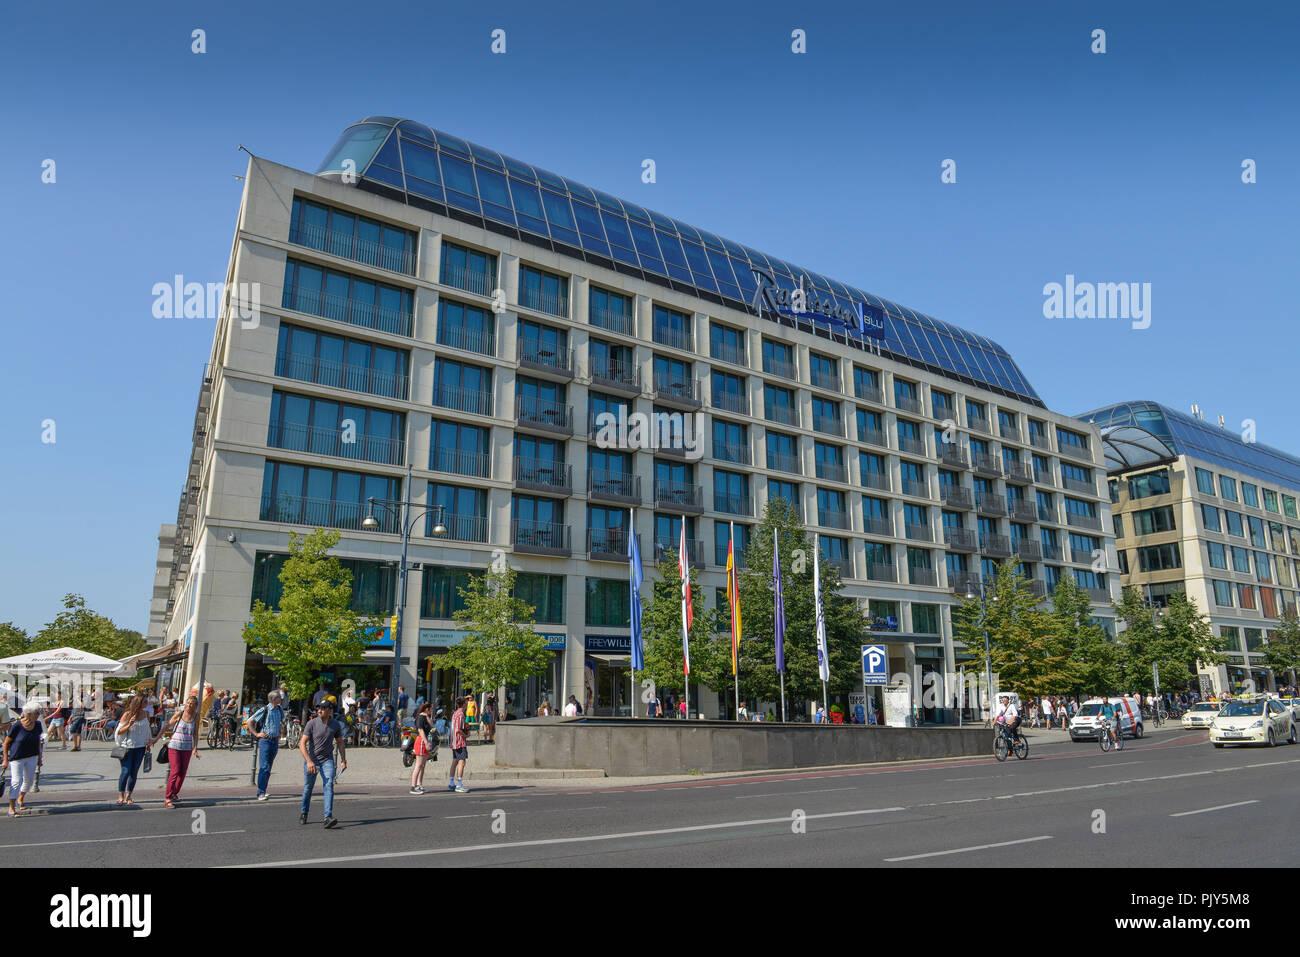 Hotel of Radisson Blu, Karl's Liebknecht street, middle, Berlin, Germany, Hotel Radisson Blu, Karl-Liebknecht-Strasse, Mitte, Deutschland - Stock Image